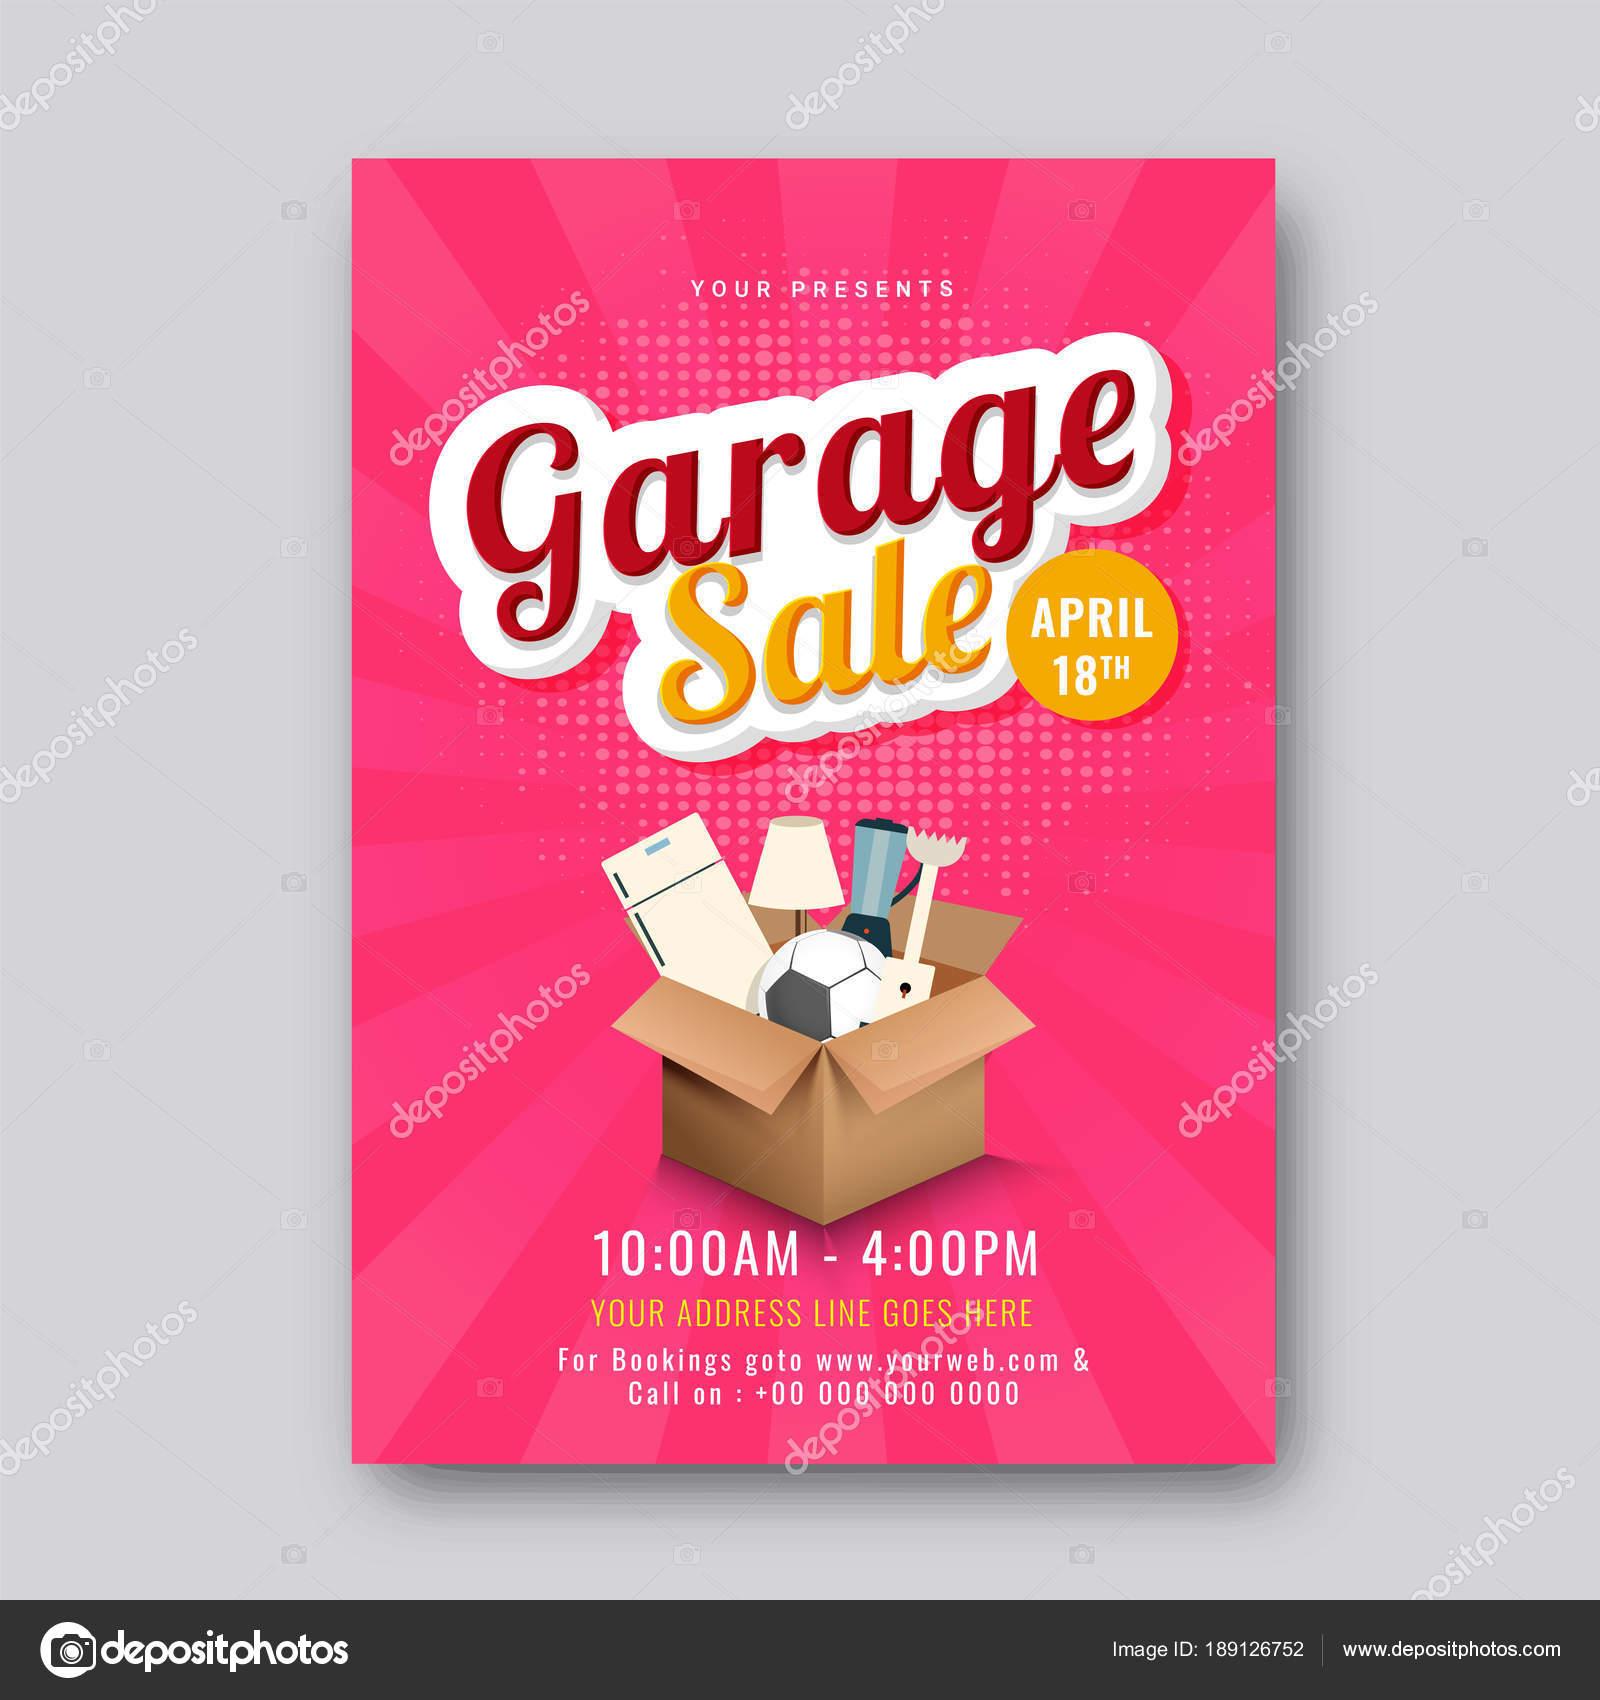 Un garaje o patio venta evento anuncio para imprimir cartel o banne ...